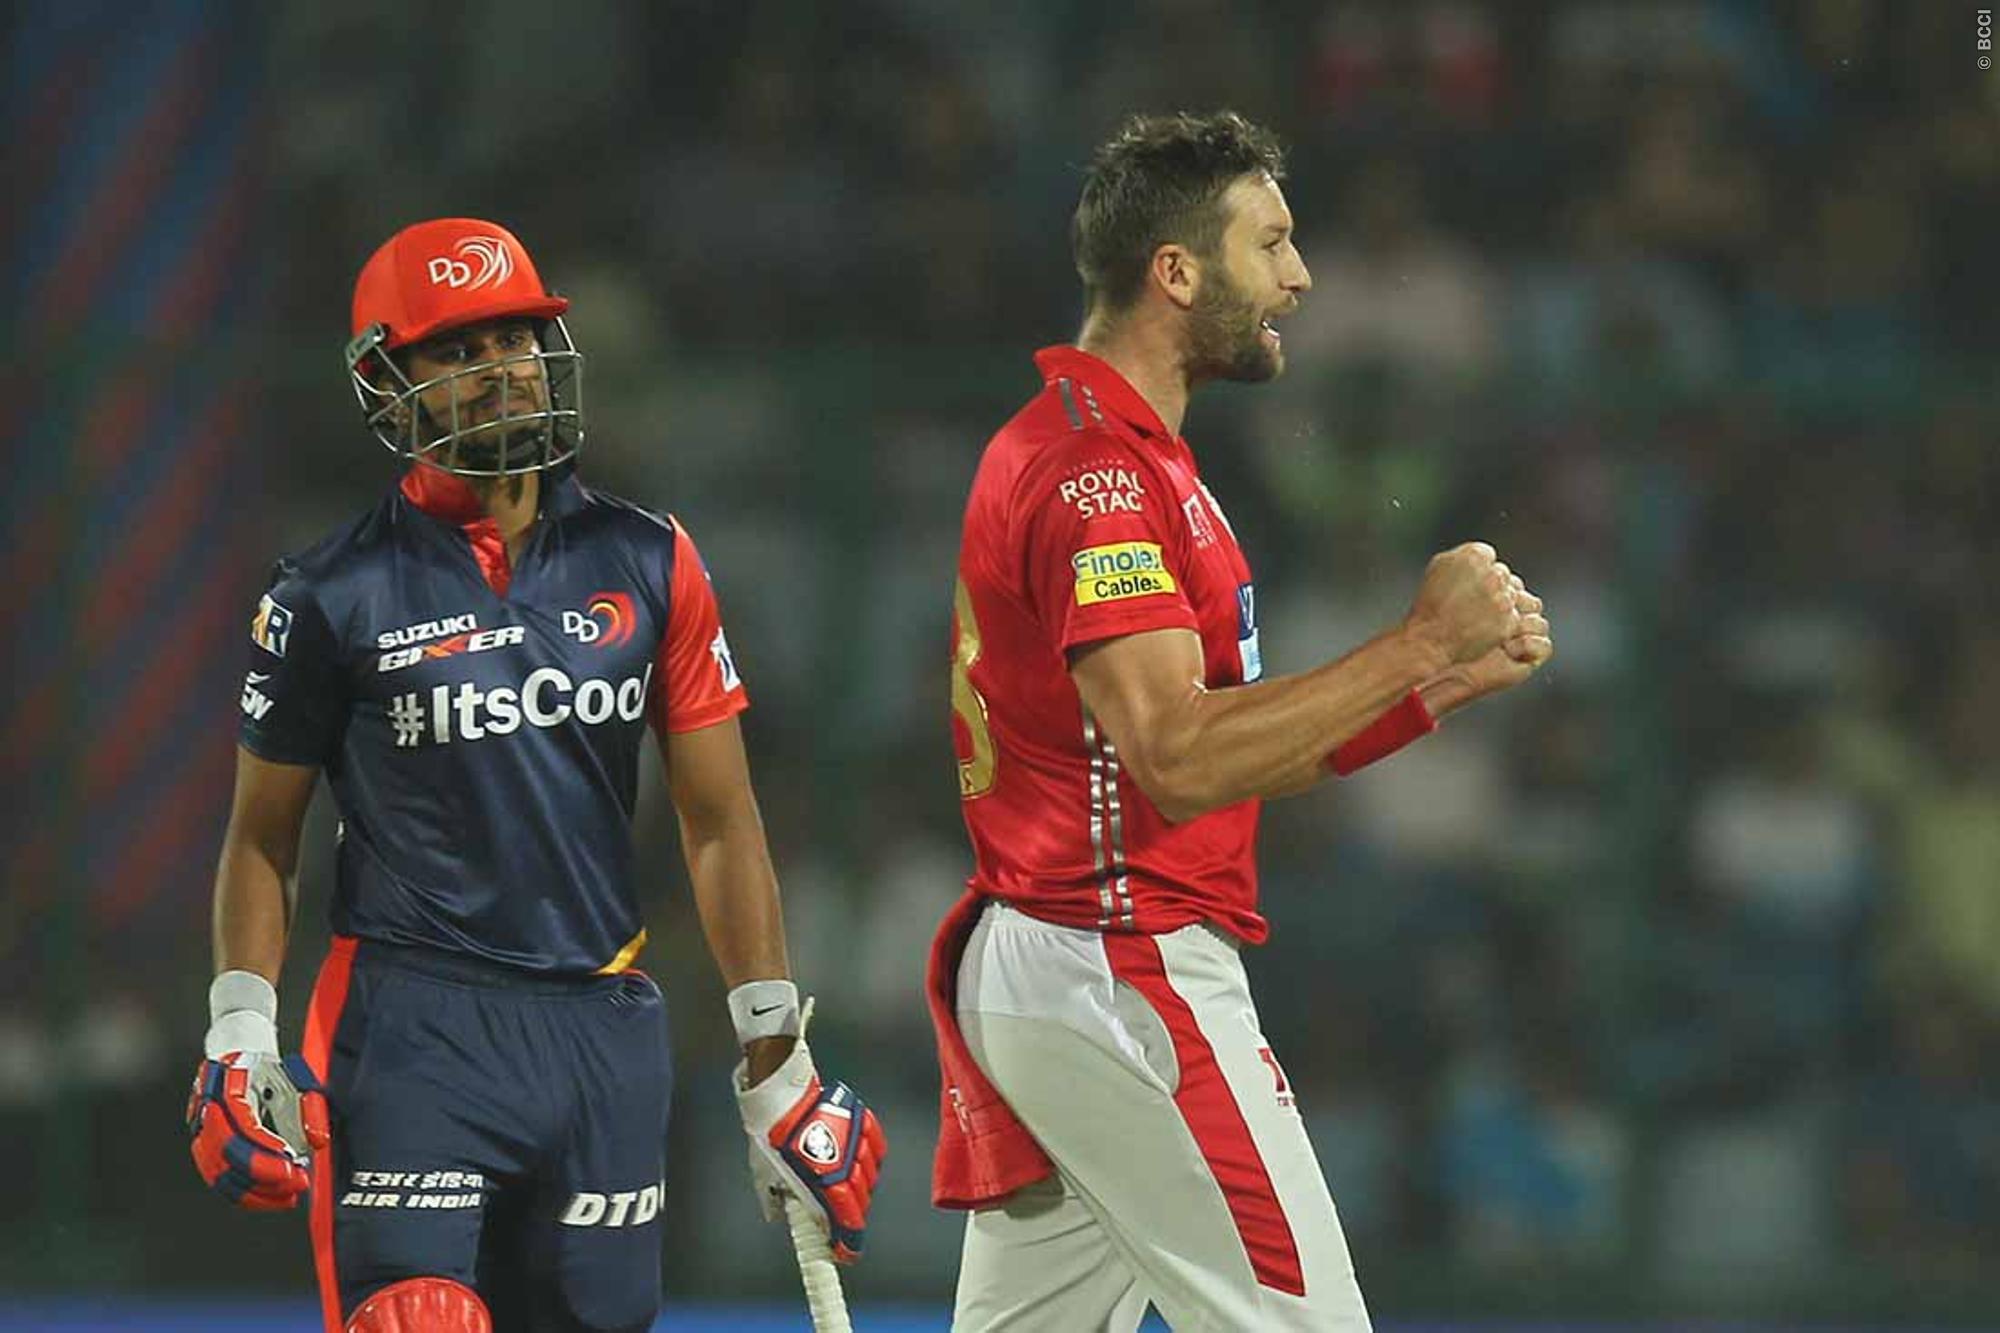 IPL 2018: 6 में से 5 मैच हारने के बाद टुटा गौतम गंभीर के सब्र का बाँध, सीधे तौर पर इन्हें ठहराया हार का जिम्मेदार 3